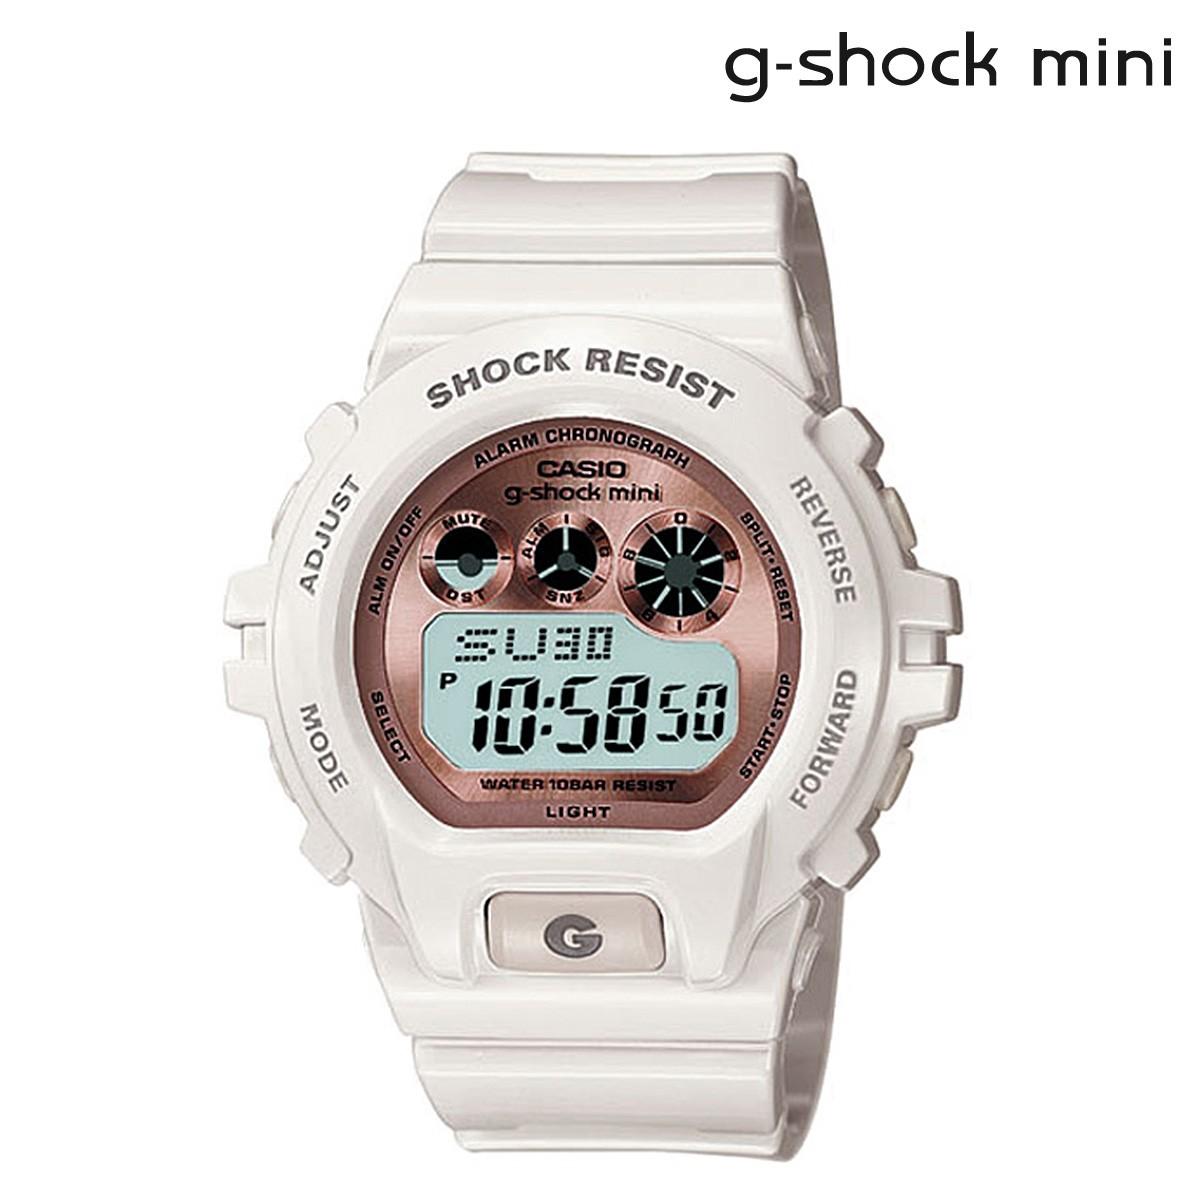 ダカシオ CASIO g-shock mini 腕時計 GMN-691-7BJF ジーショック ミニ Gショック G-ショック レディース [3/15 追加入荷]